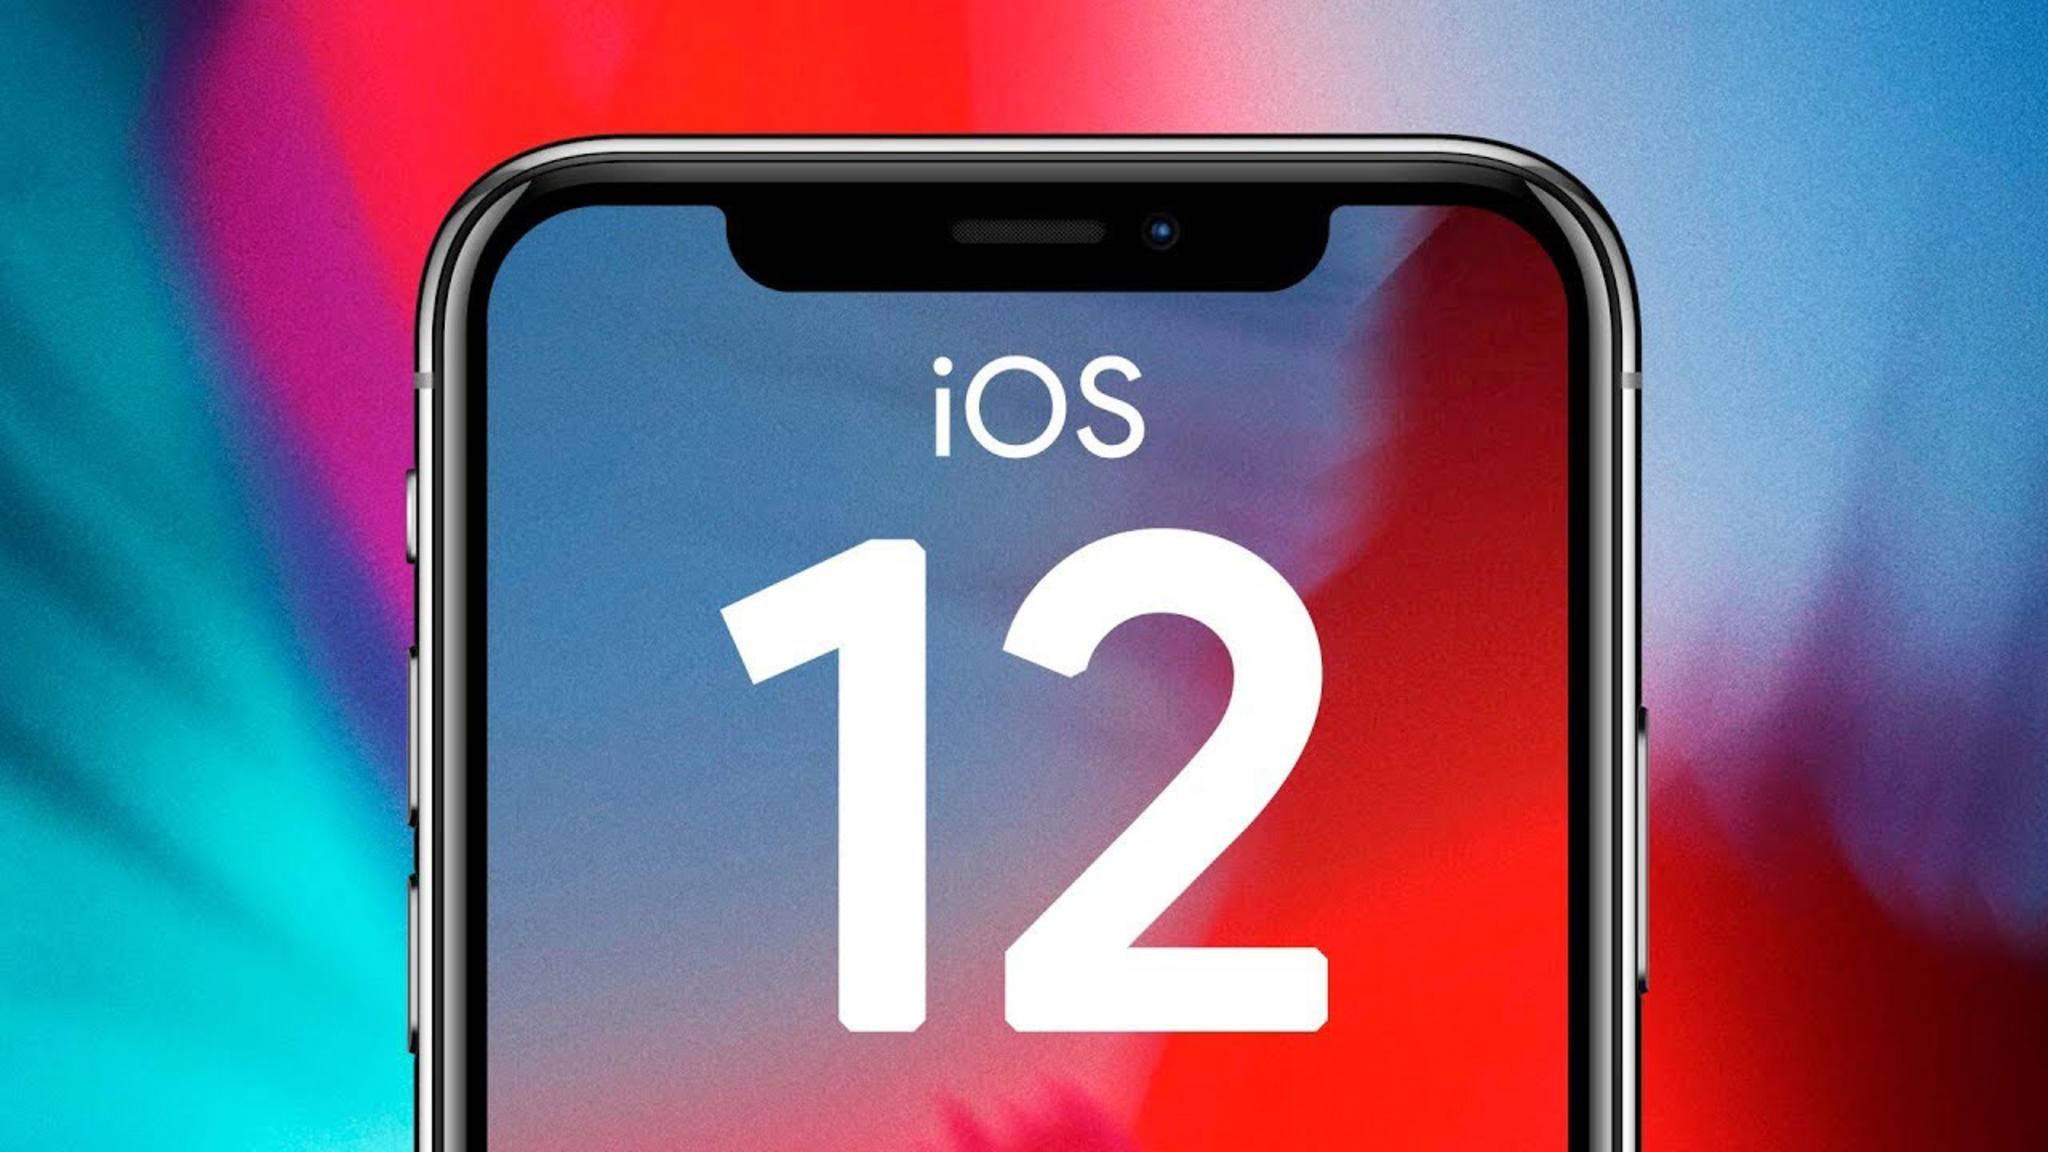 iOS 12 bringt zwar neue Features mit, aber in vielen Punkten hat Android weiter die Nase vorn.